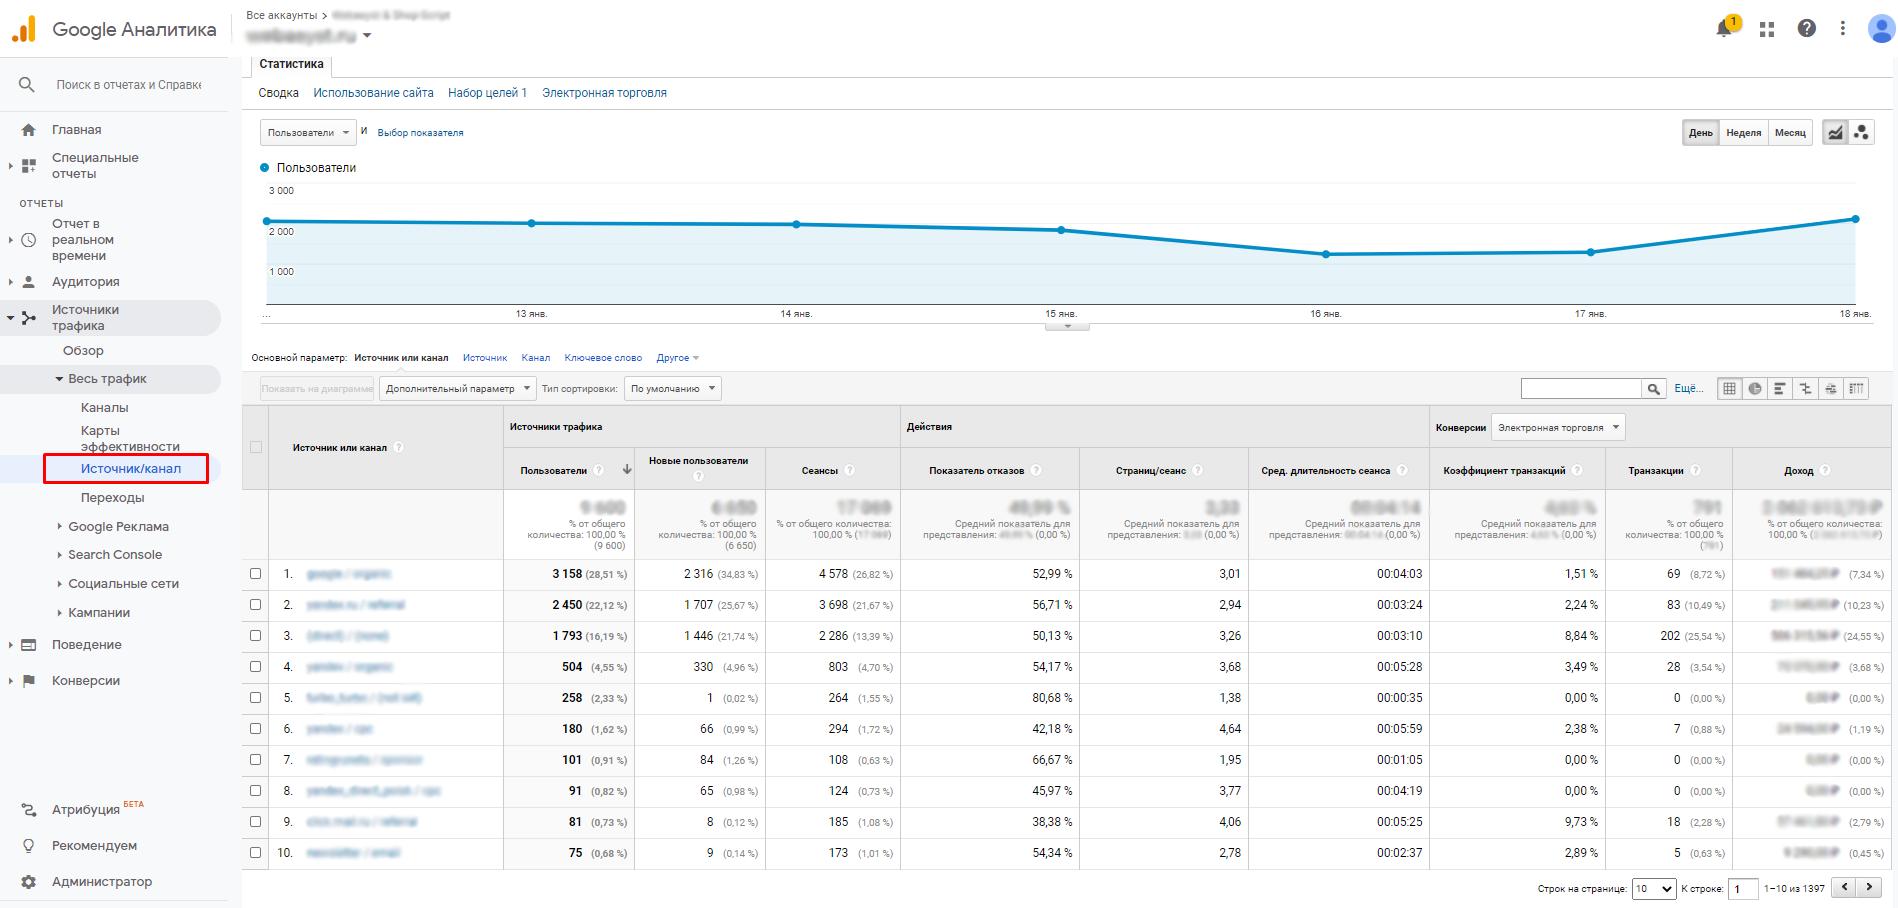 Отчет по источникам и каналам в Google Analytics